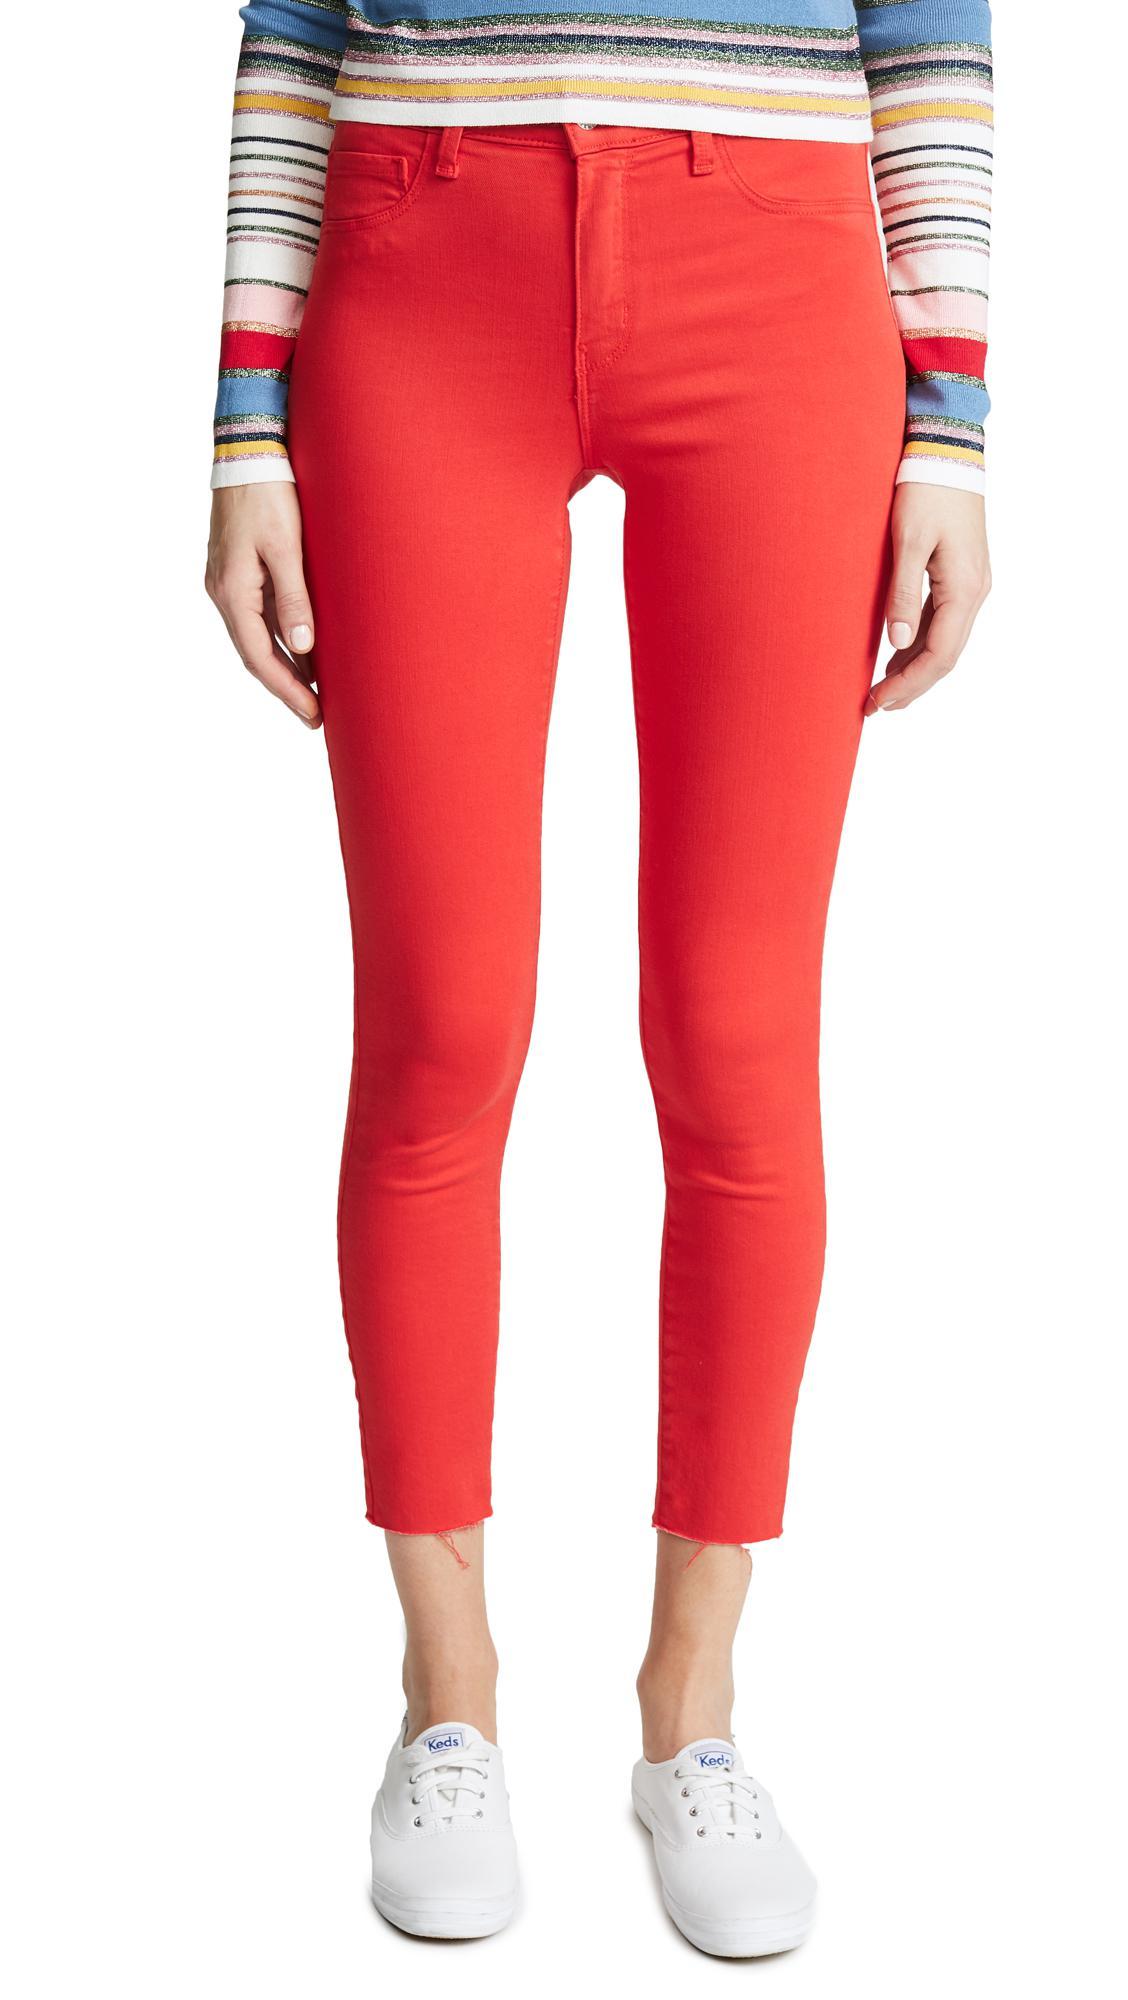 6da0e55f0b L Agence Margot High Rise Skinny Jeans in Red - Lyst